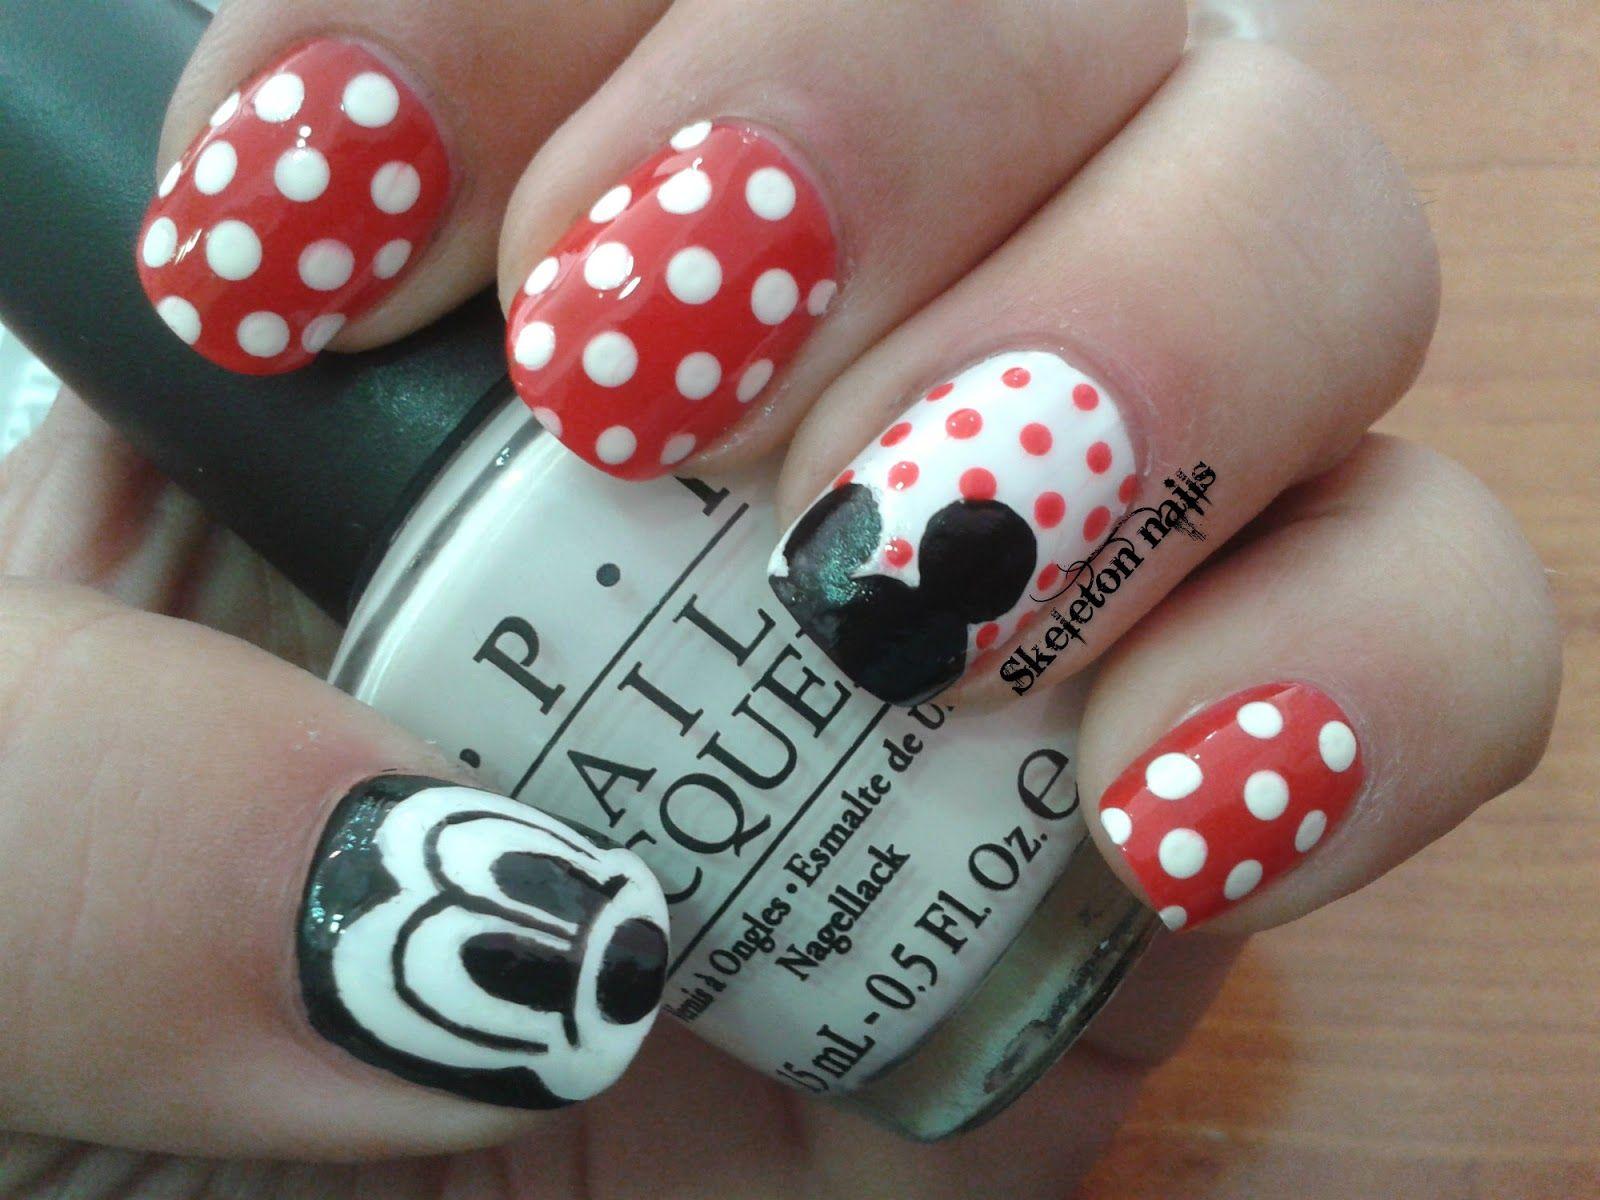 Mickey nagels - Nailed it   Pinterest - Mickey nagels, Nagel en Ideeën